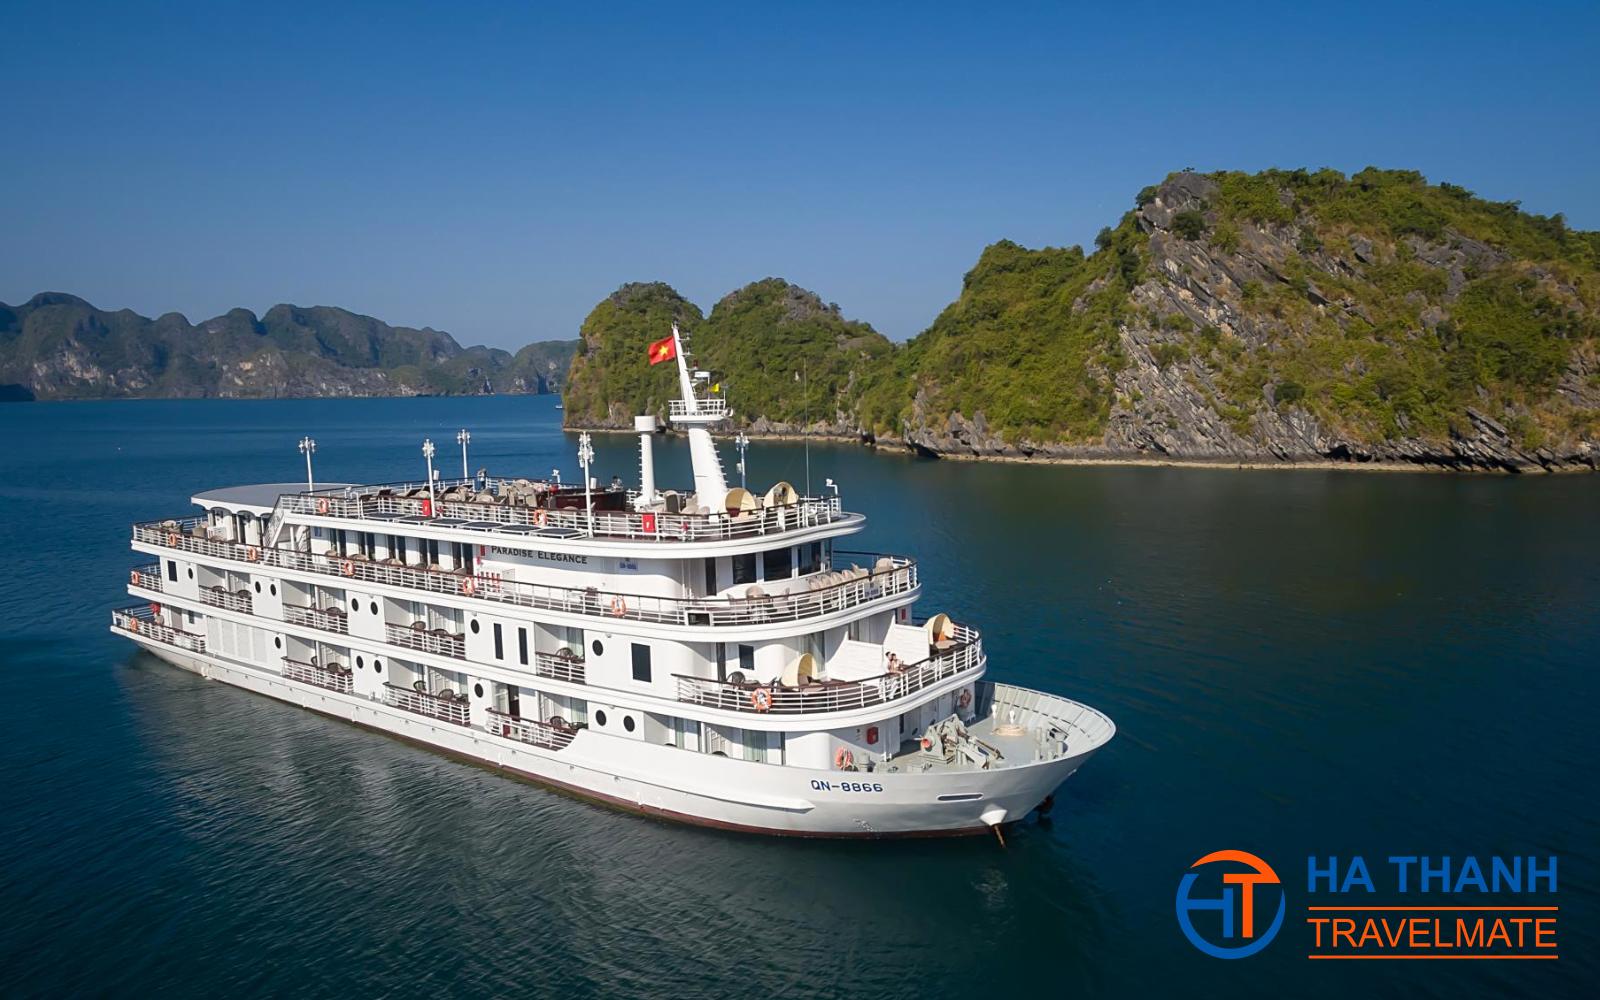 Paradise Elegance Cruise 2 days/1 night